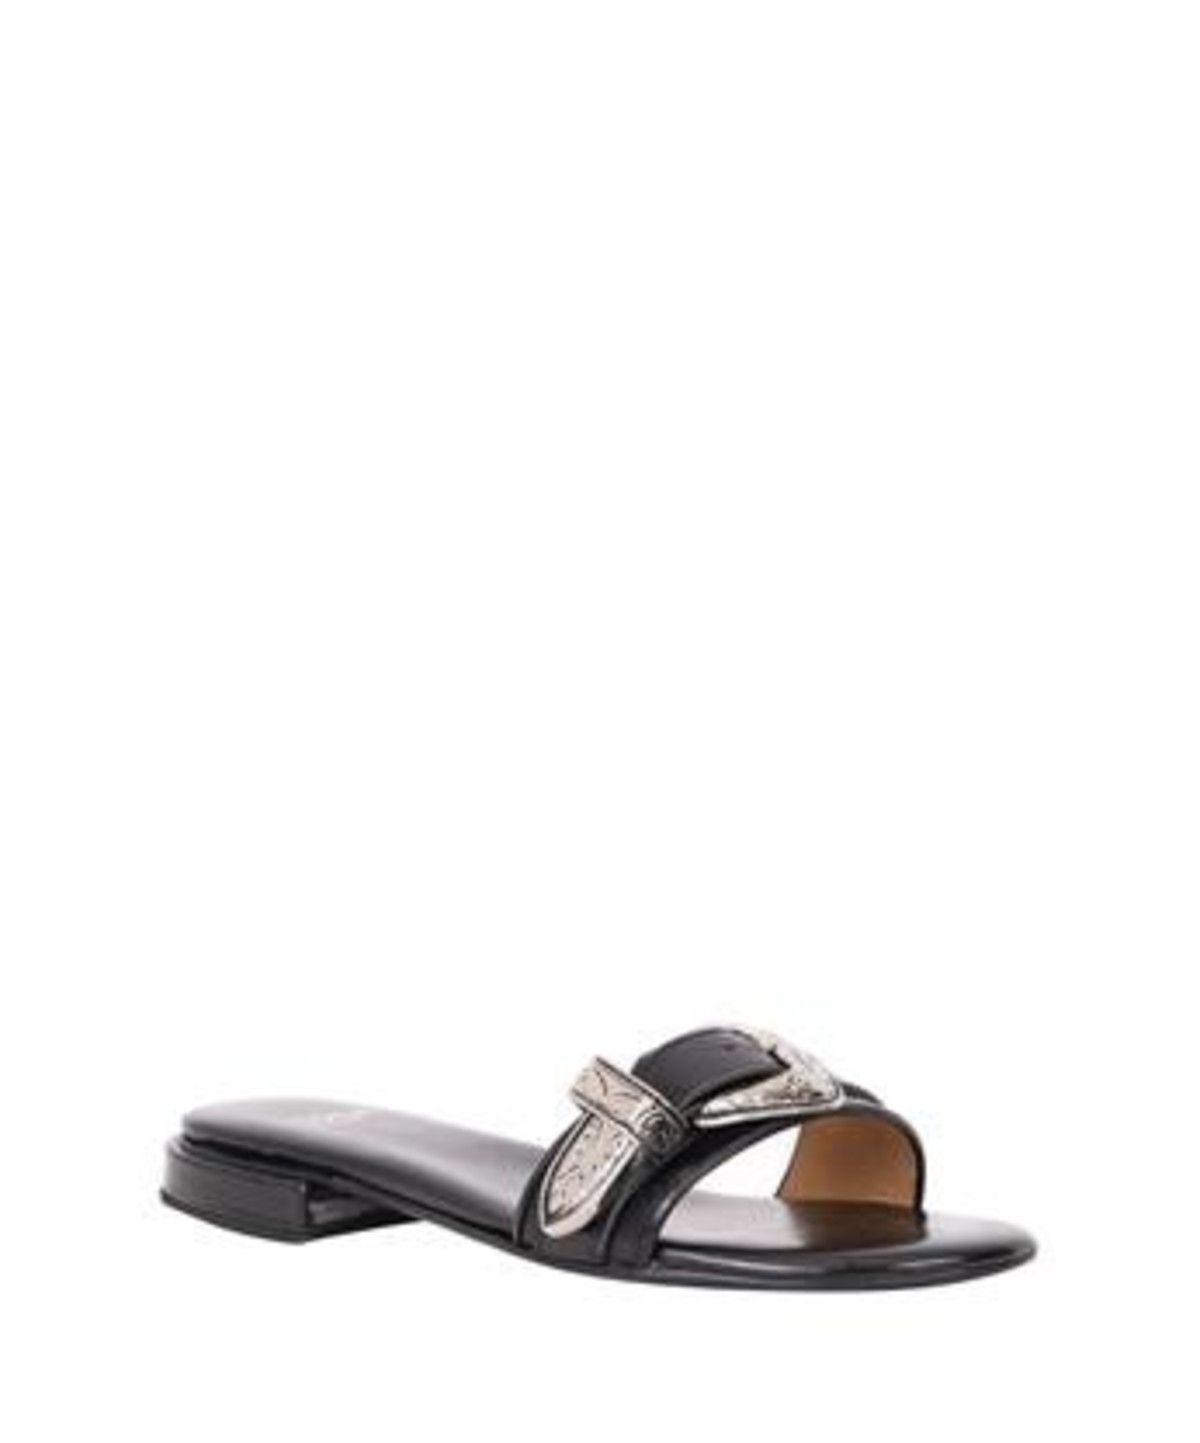 Toga Patent Leather Slide Sandals sale online shop JhhLiYJSH7